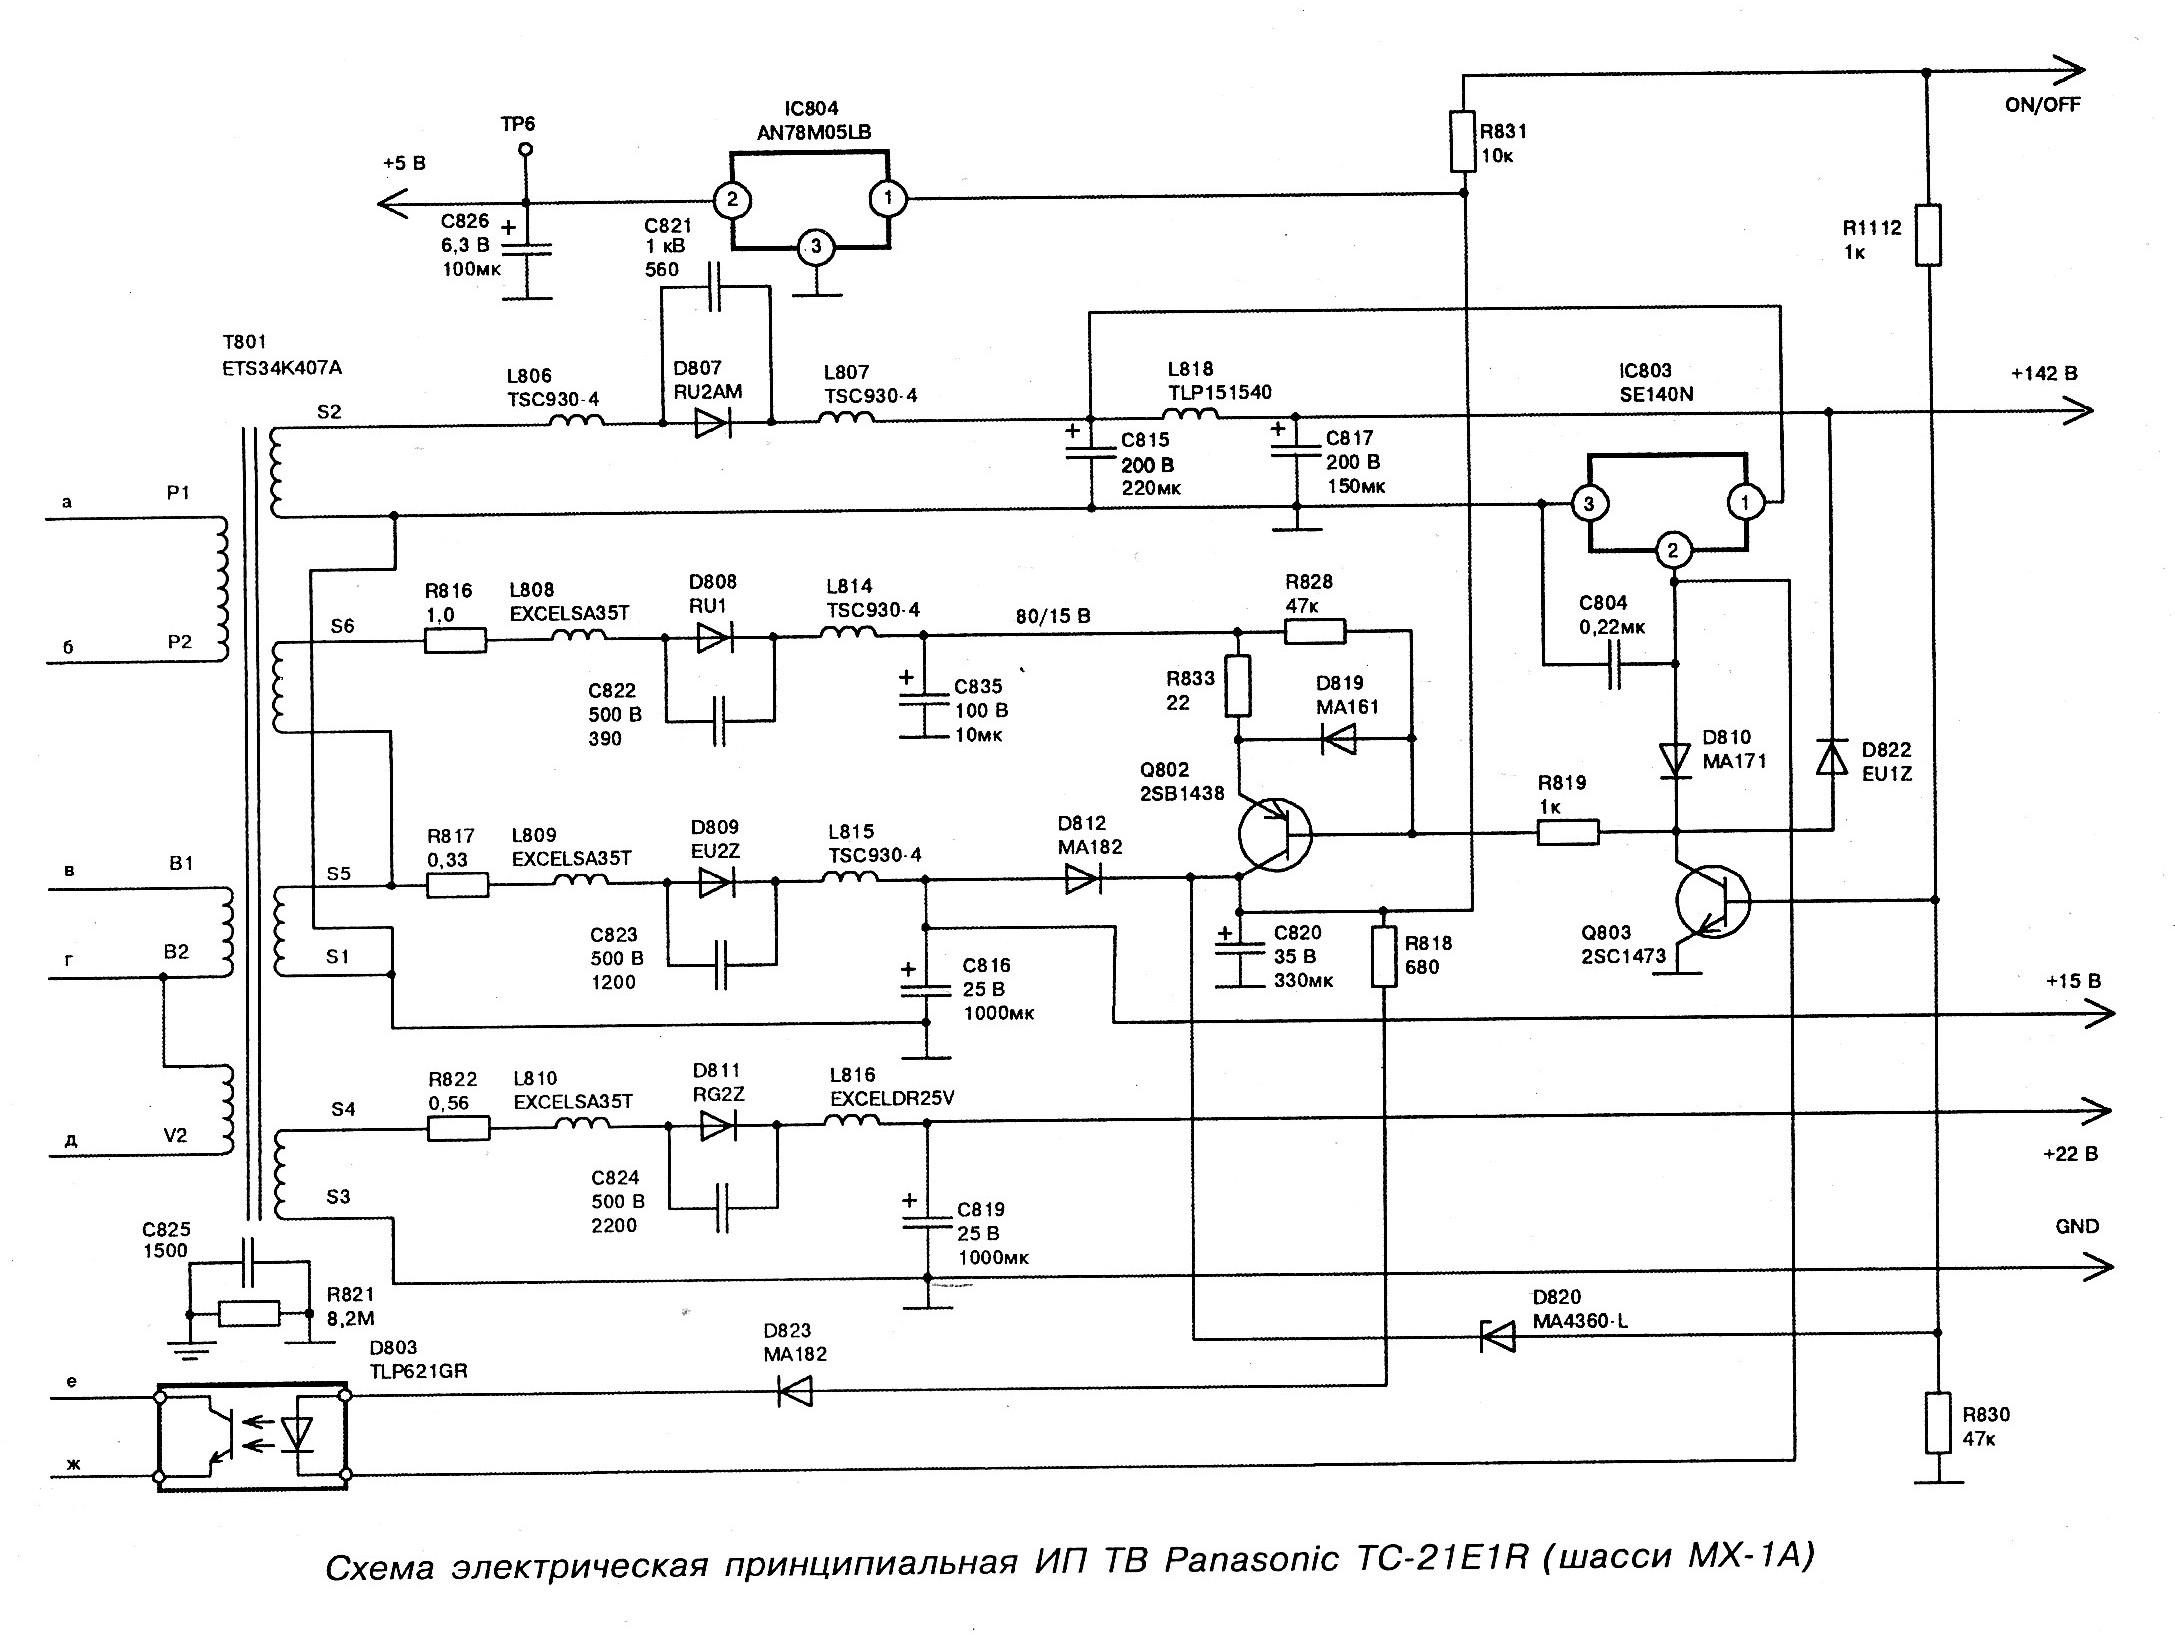 Панасоник tc-21l10r2 электрическая схема